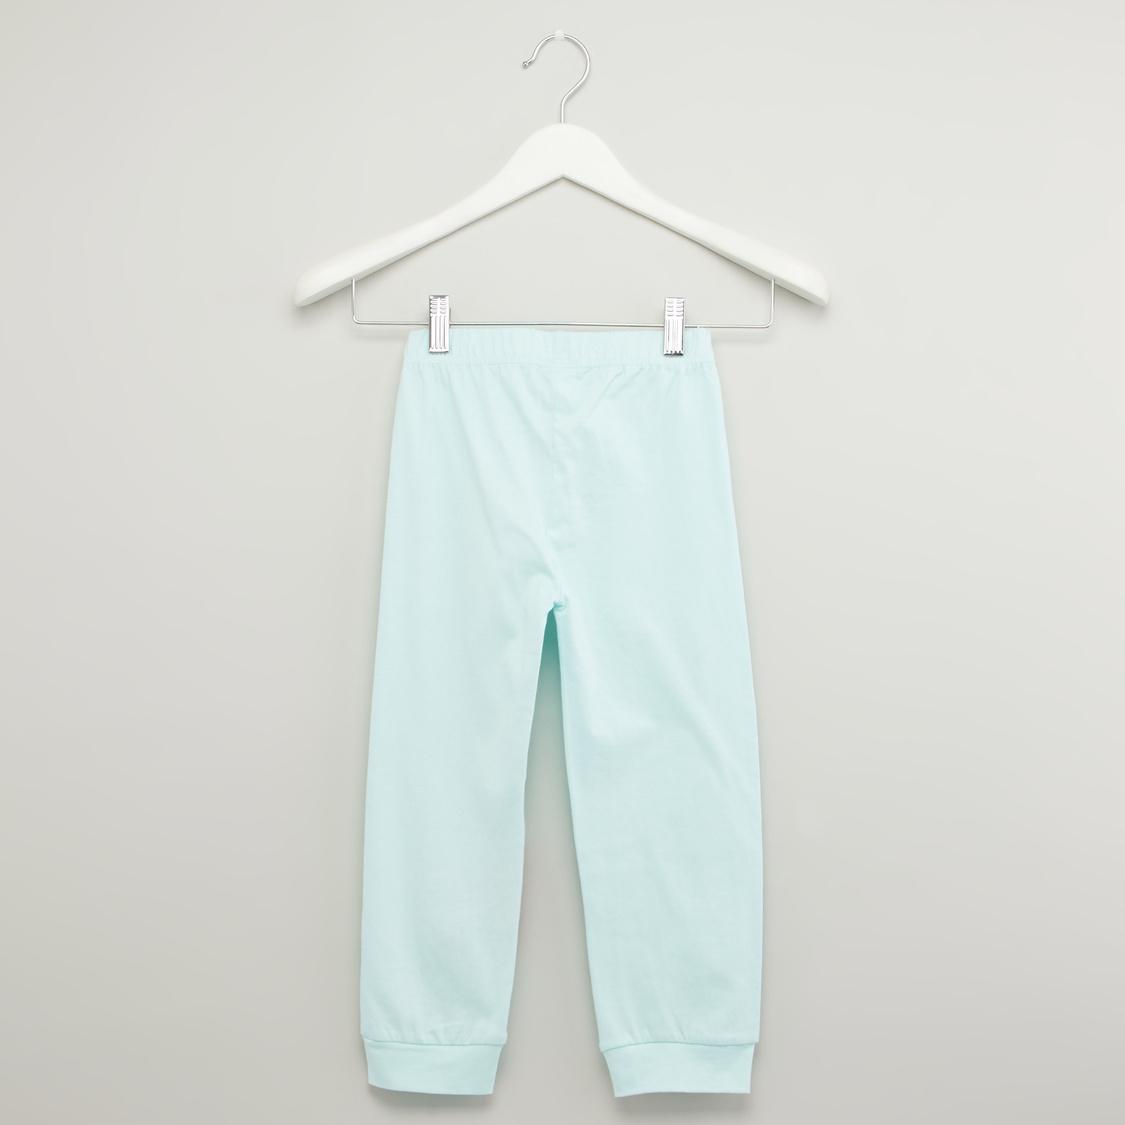 طقم ملابس نوم بطبعات - 4 قطع